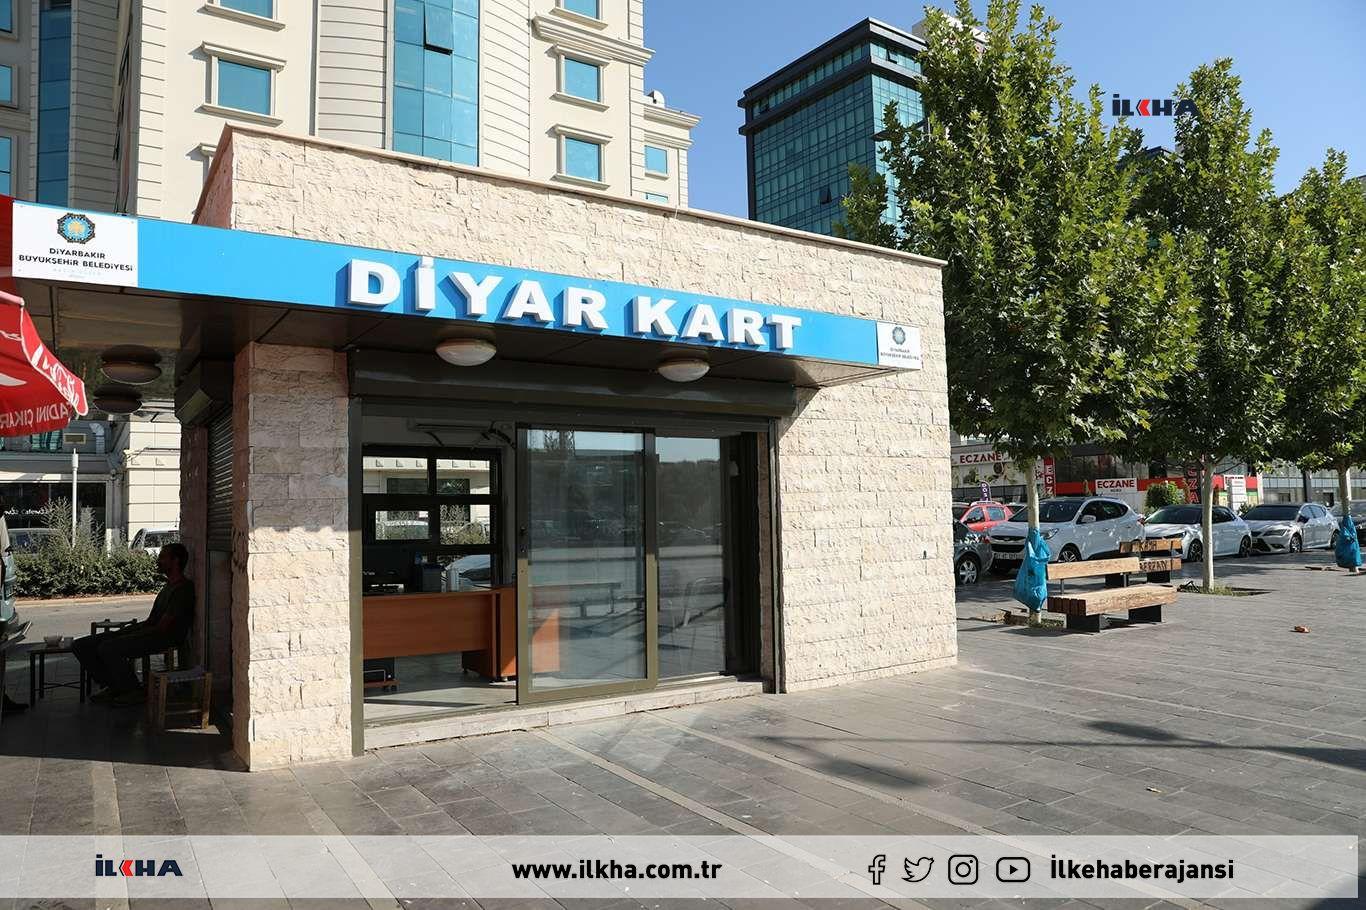 Diyarbakırda yeni Diyarkart bürosu açıldı